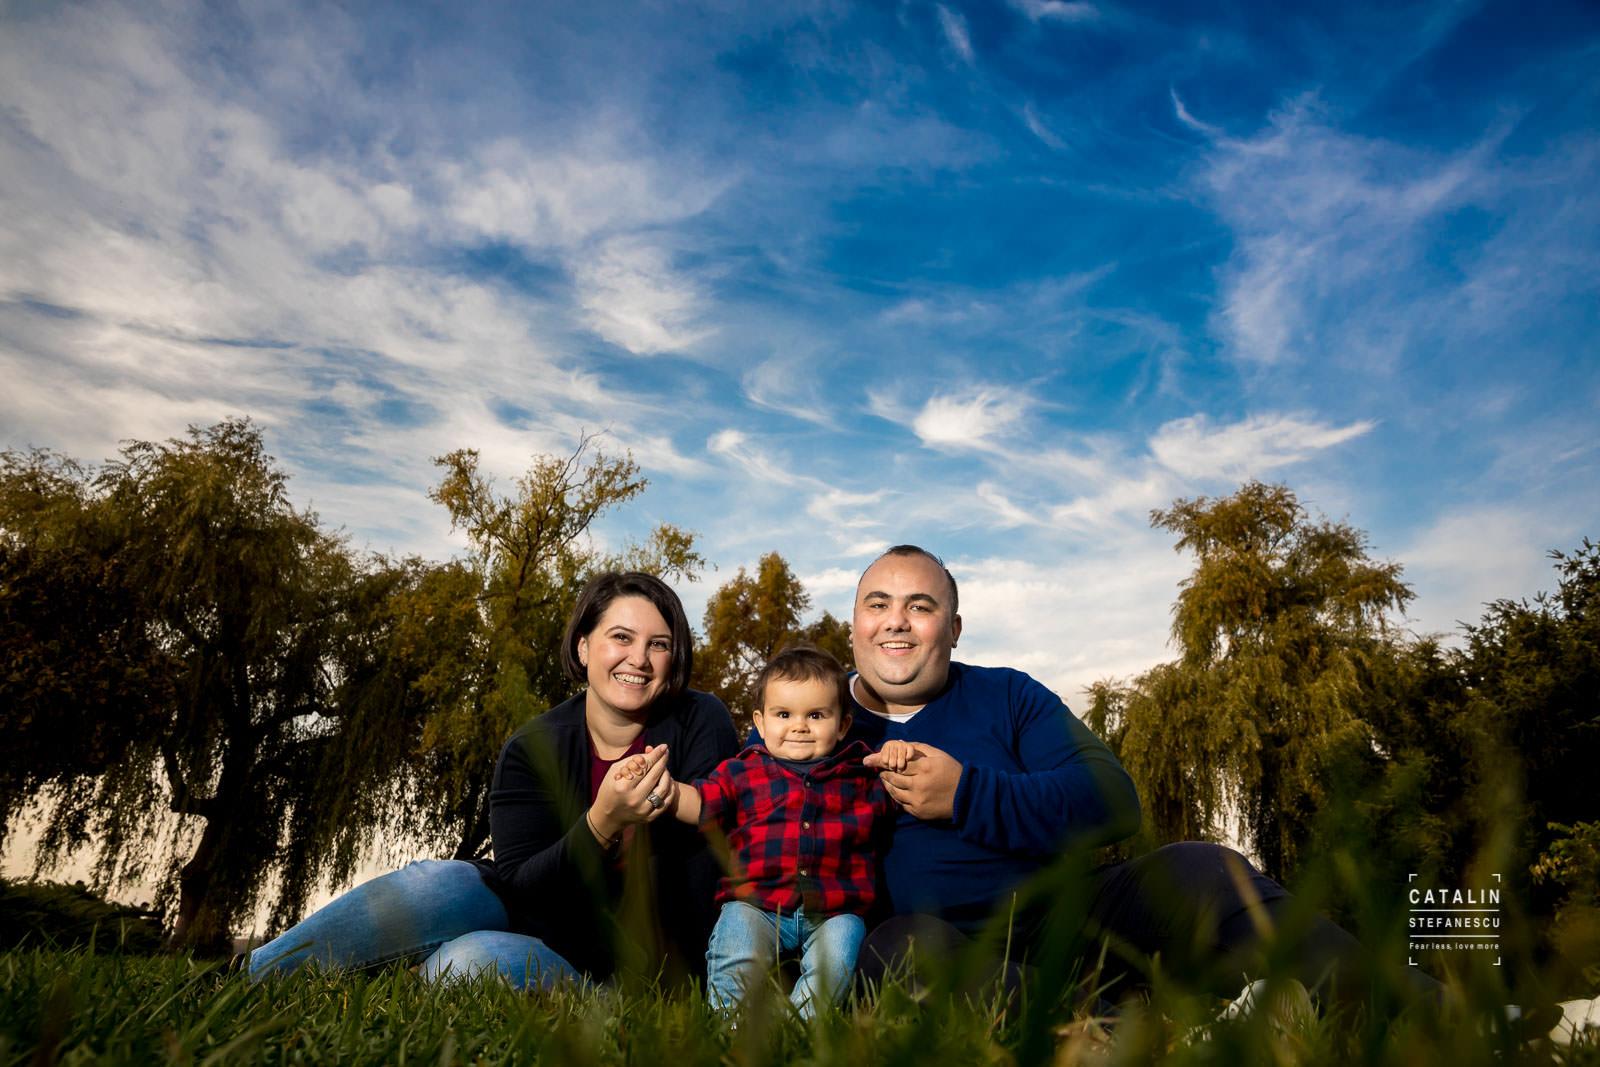 Sedinta Foto De Familie - Fotograf Nunta Bucuresti Catalin Stefanescu